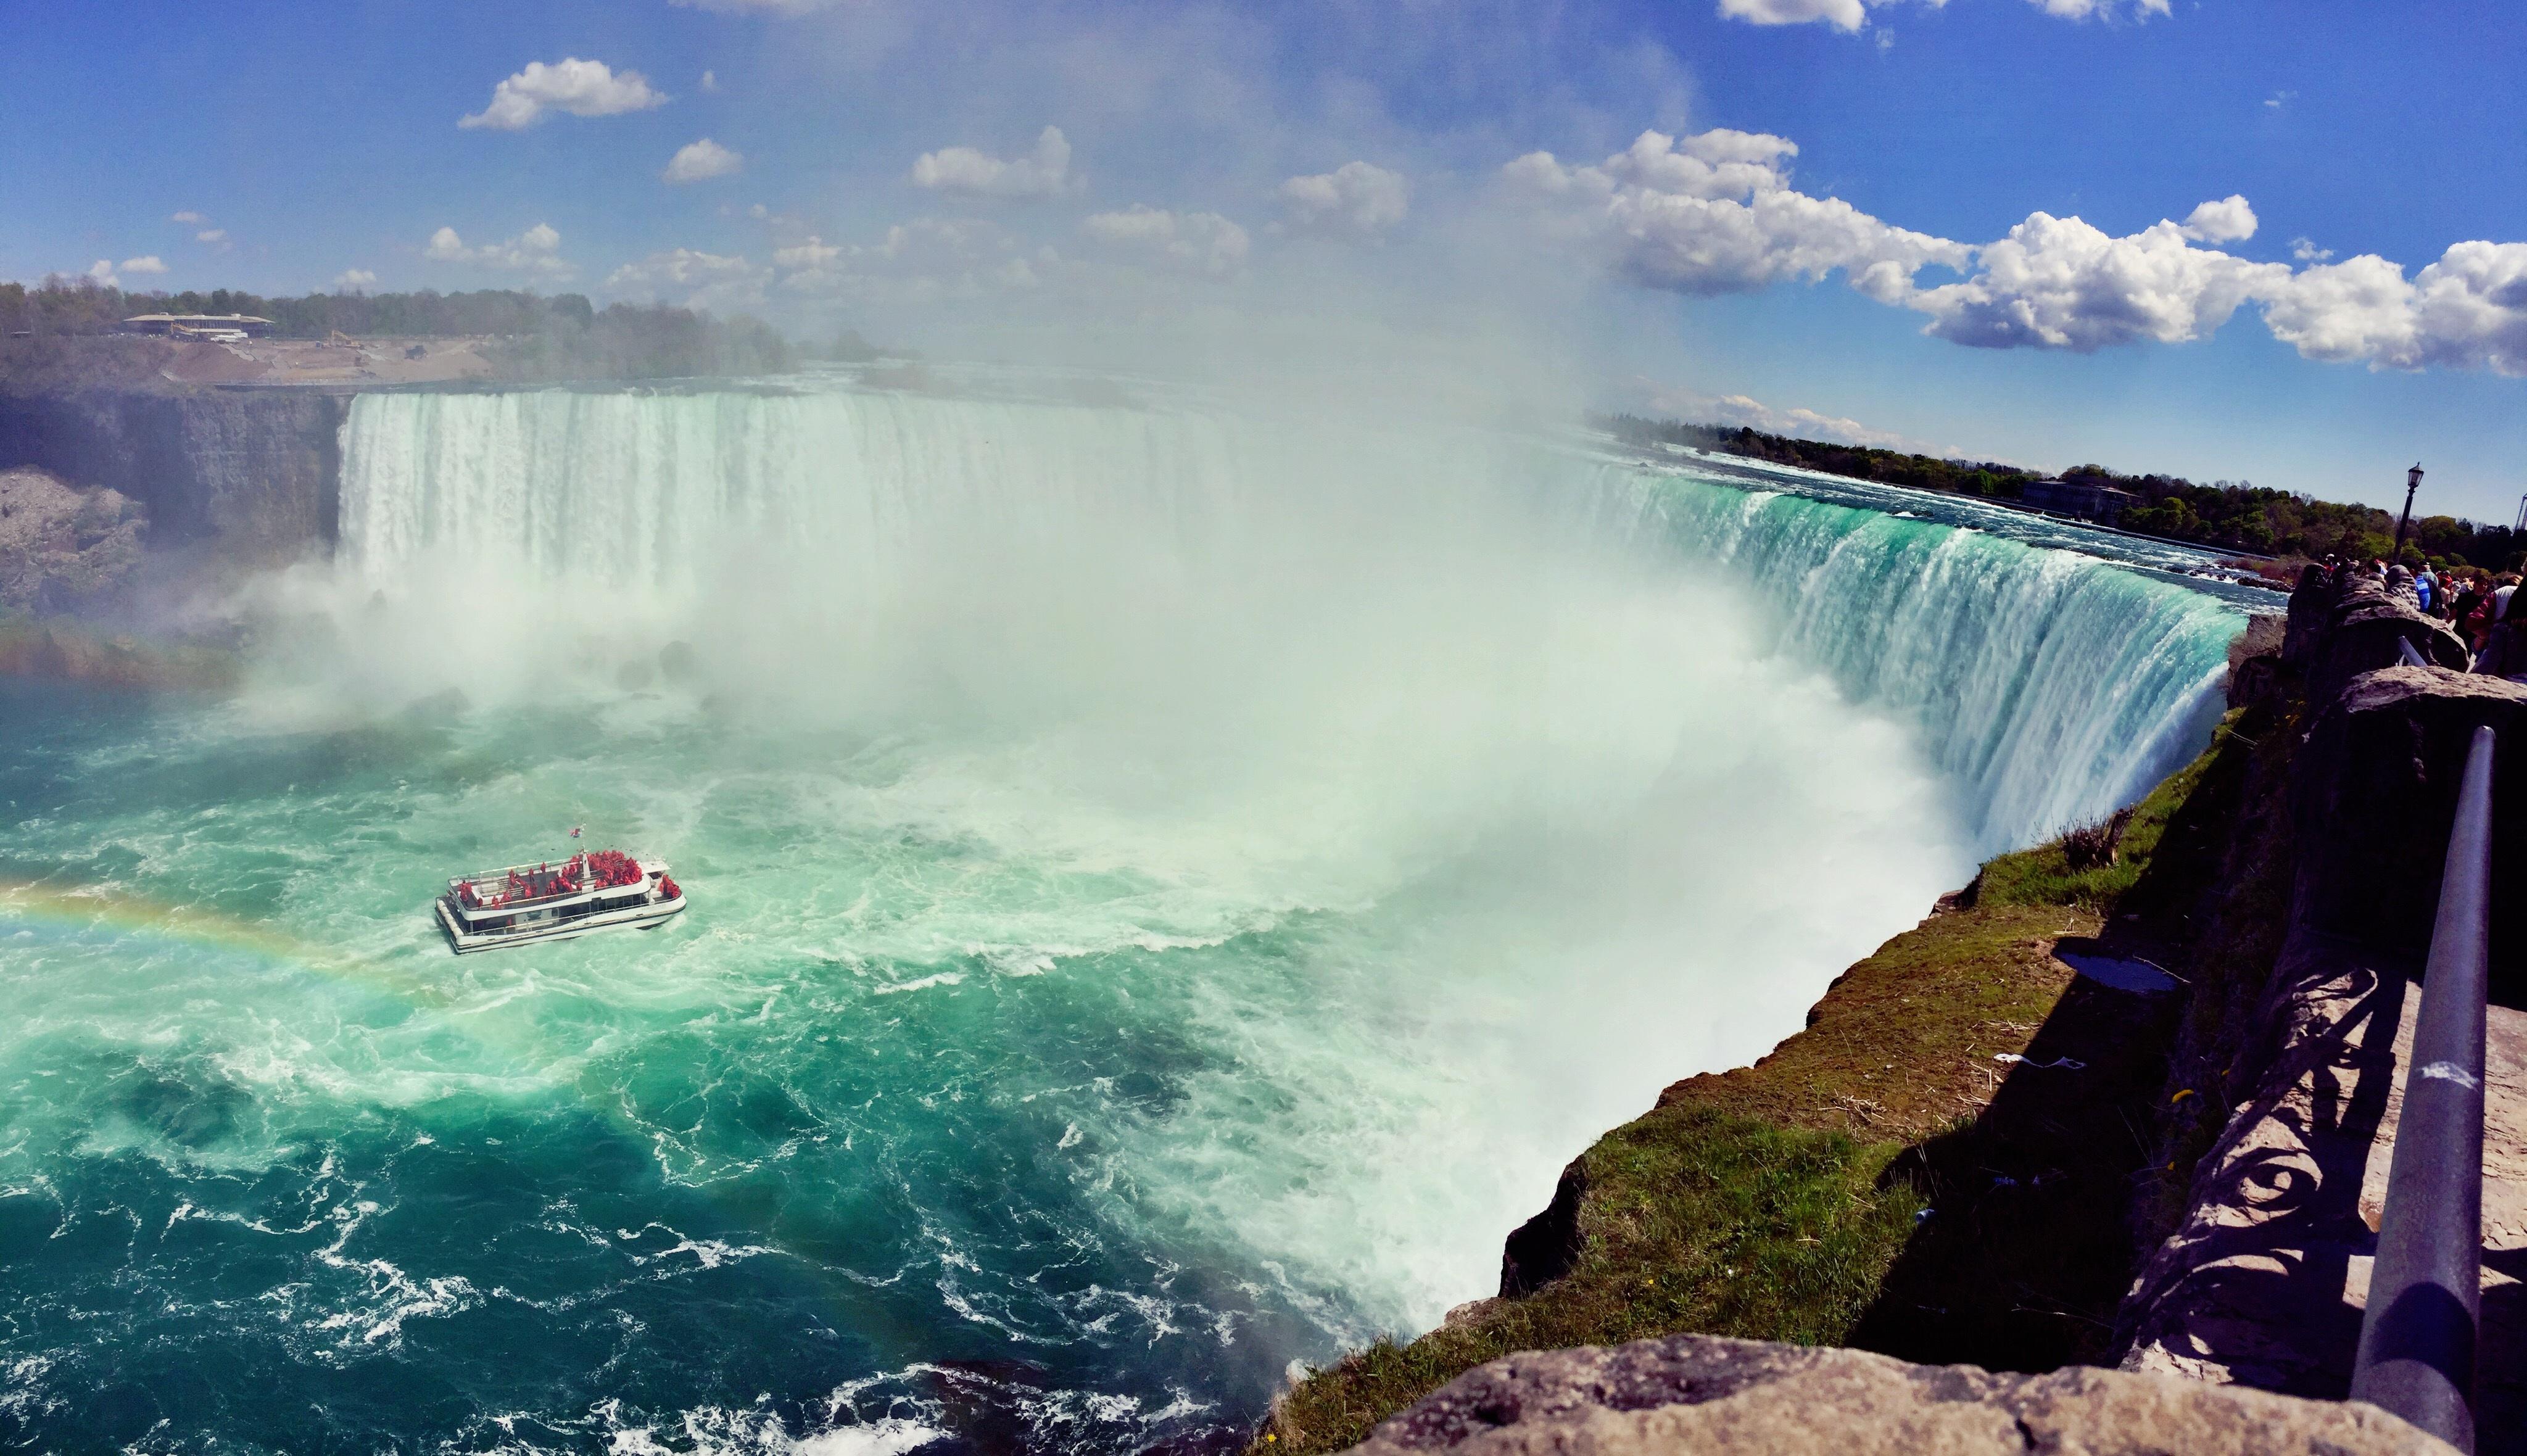 судно фото подводного водопада на маврикии ему обязательно вертеть